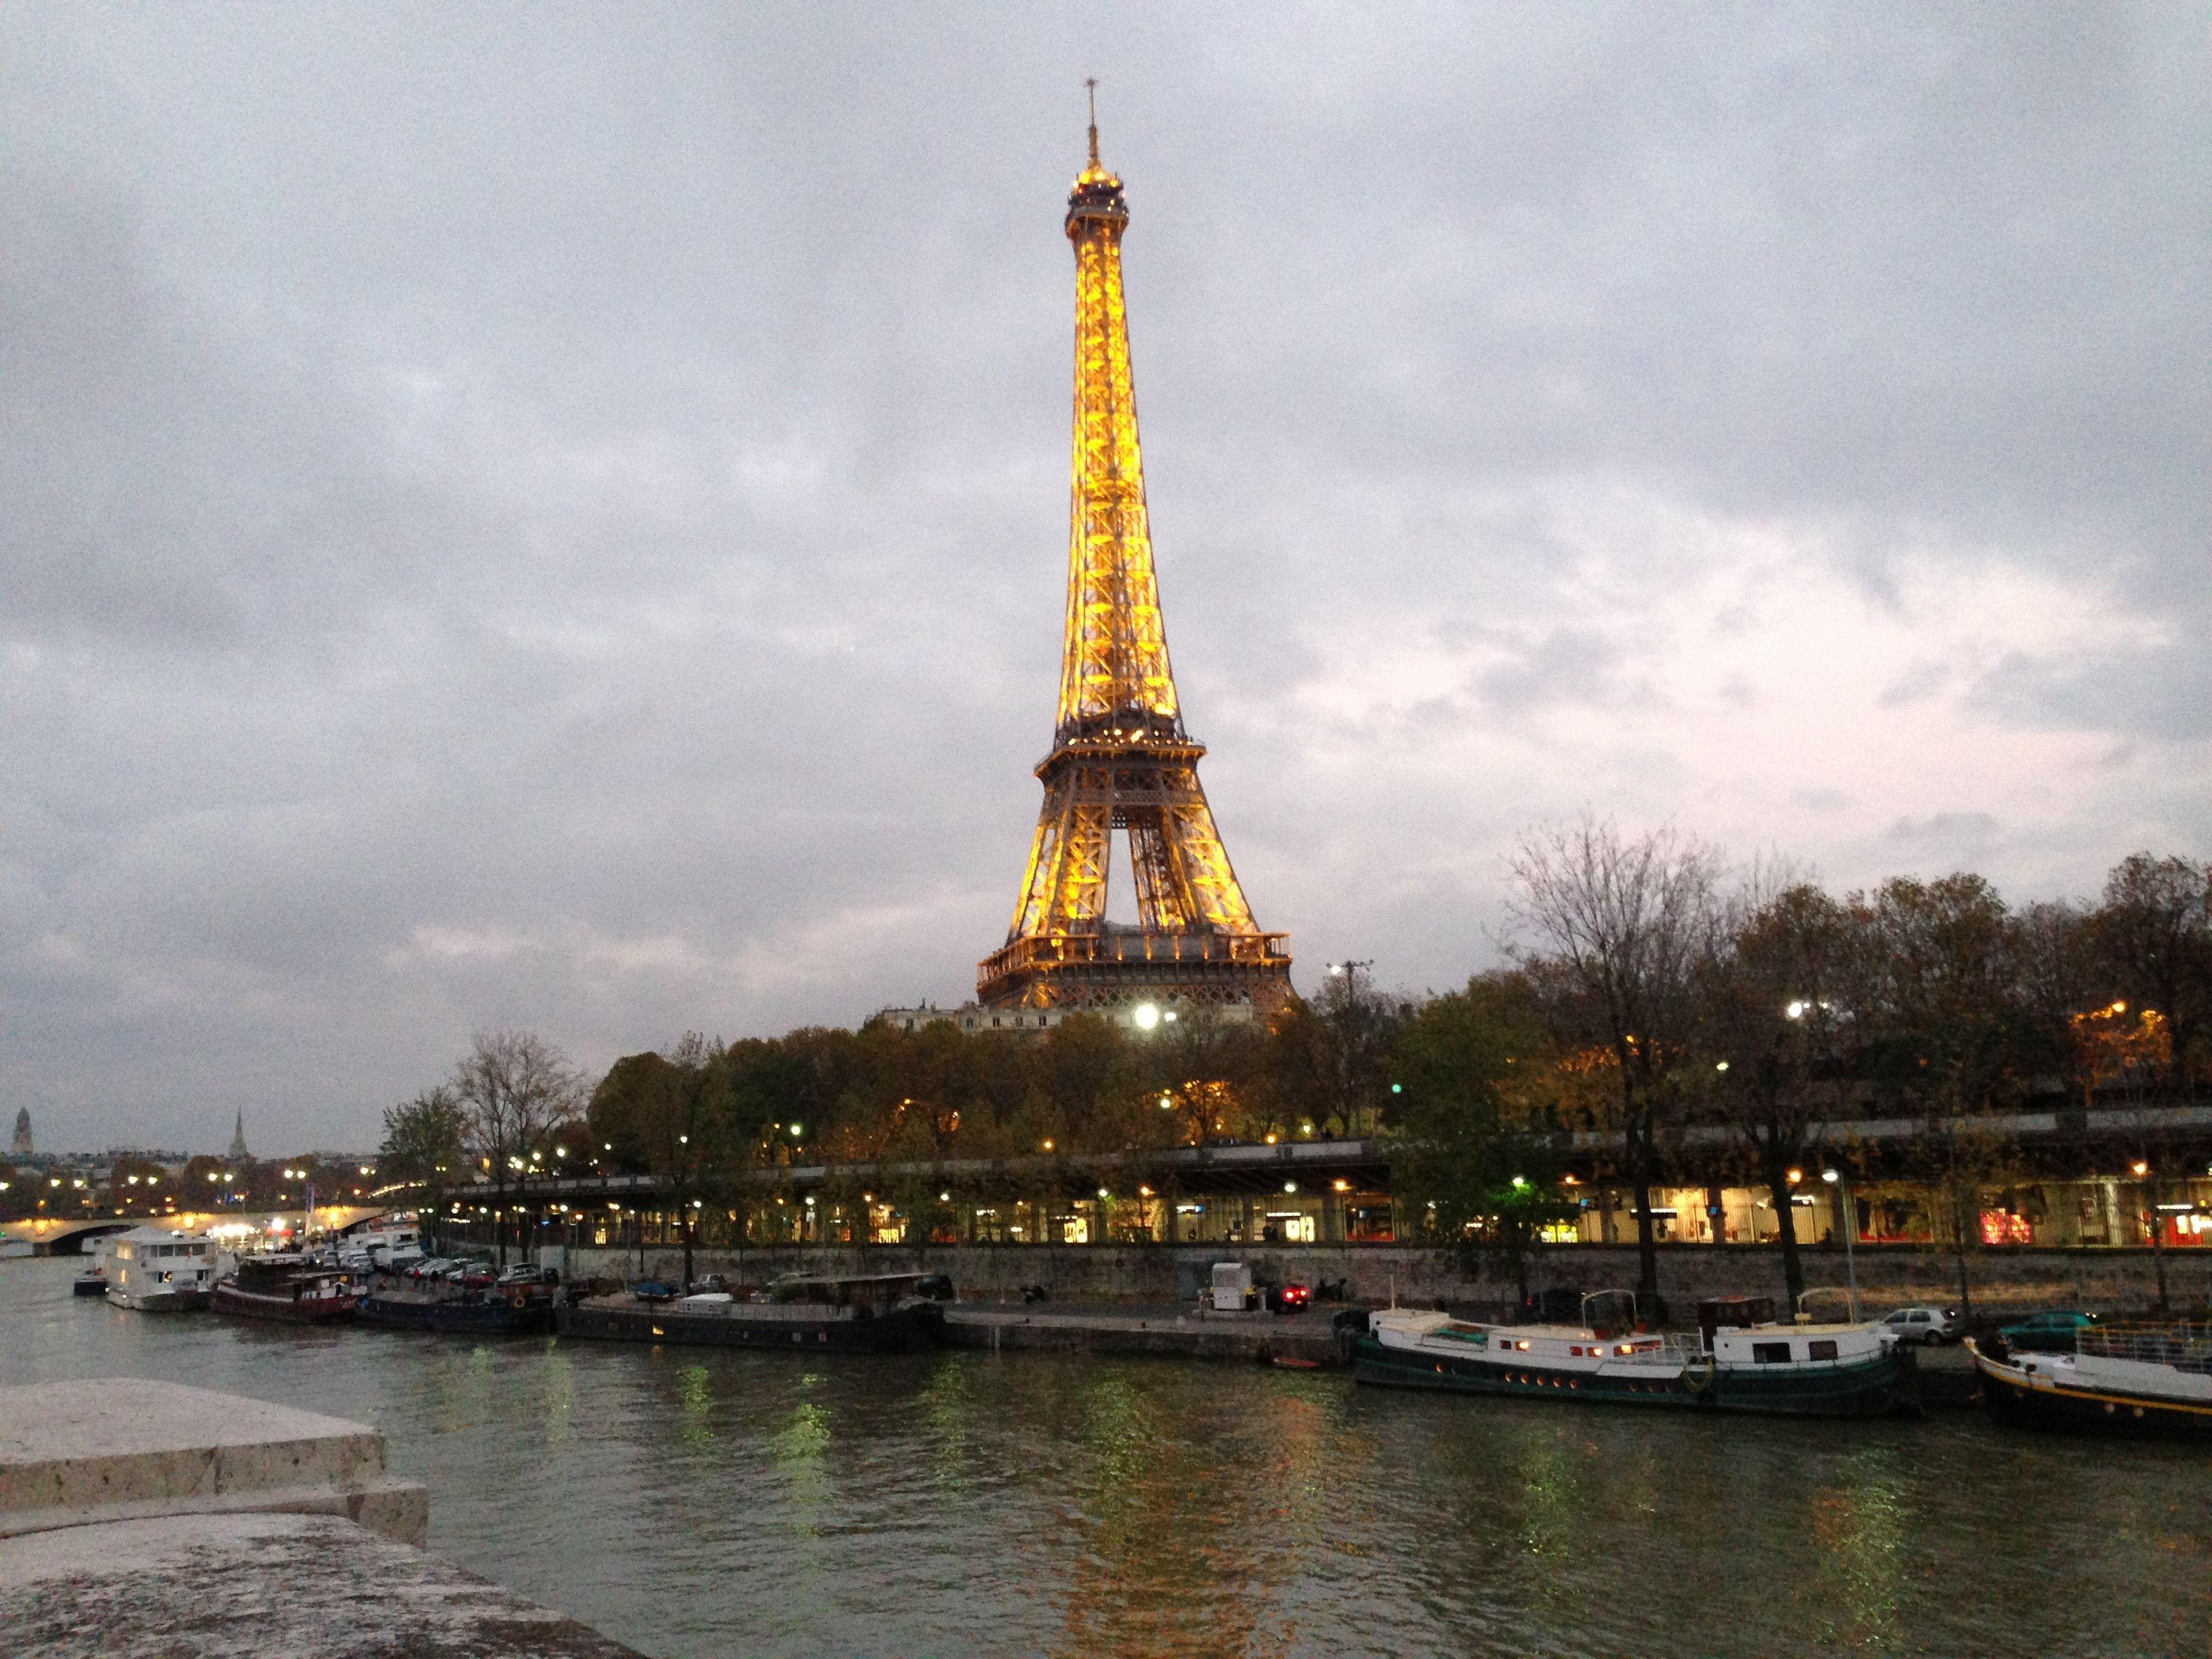 #BE990D Christmas Lights And Scenes In Paris 6073 decoration de noel tour eiffel 3264x2448 px @ aertt.com